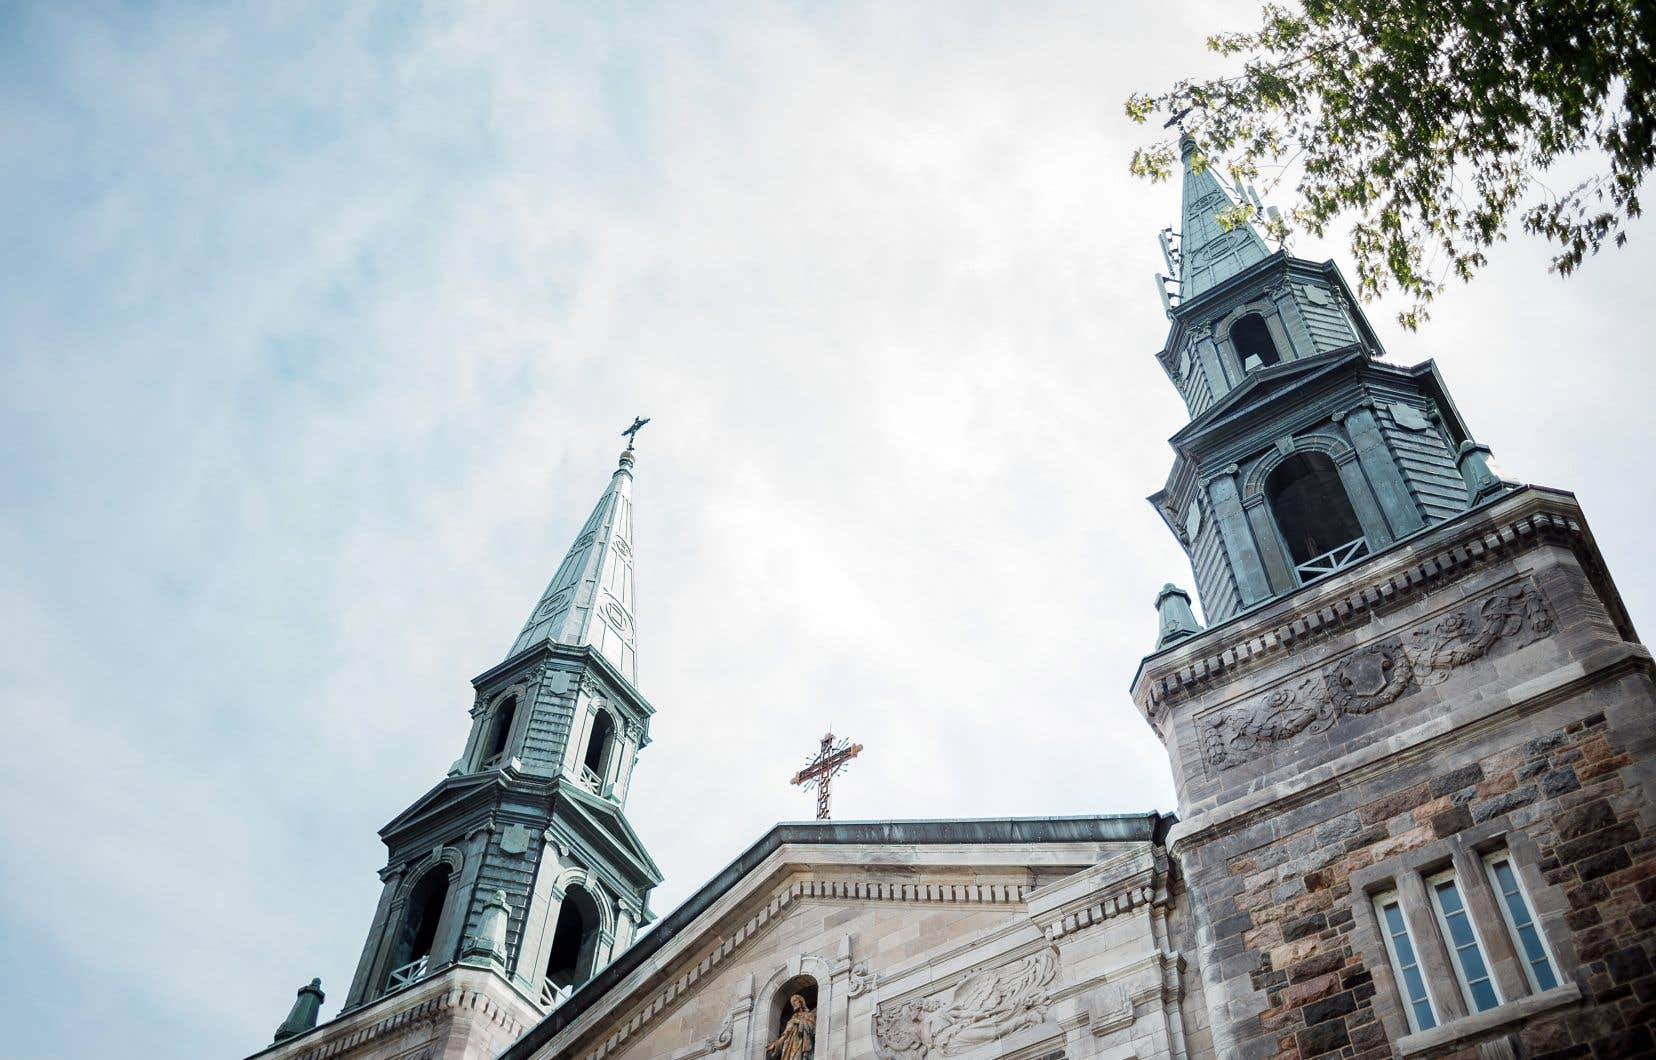 Selon plusieurs experts interrogés, les dossiers que l'Église conserve sur ses prêtres permettraient de révéler d'autres cas d'abus.